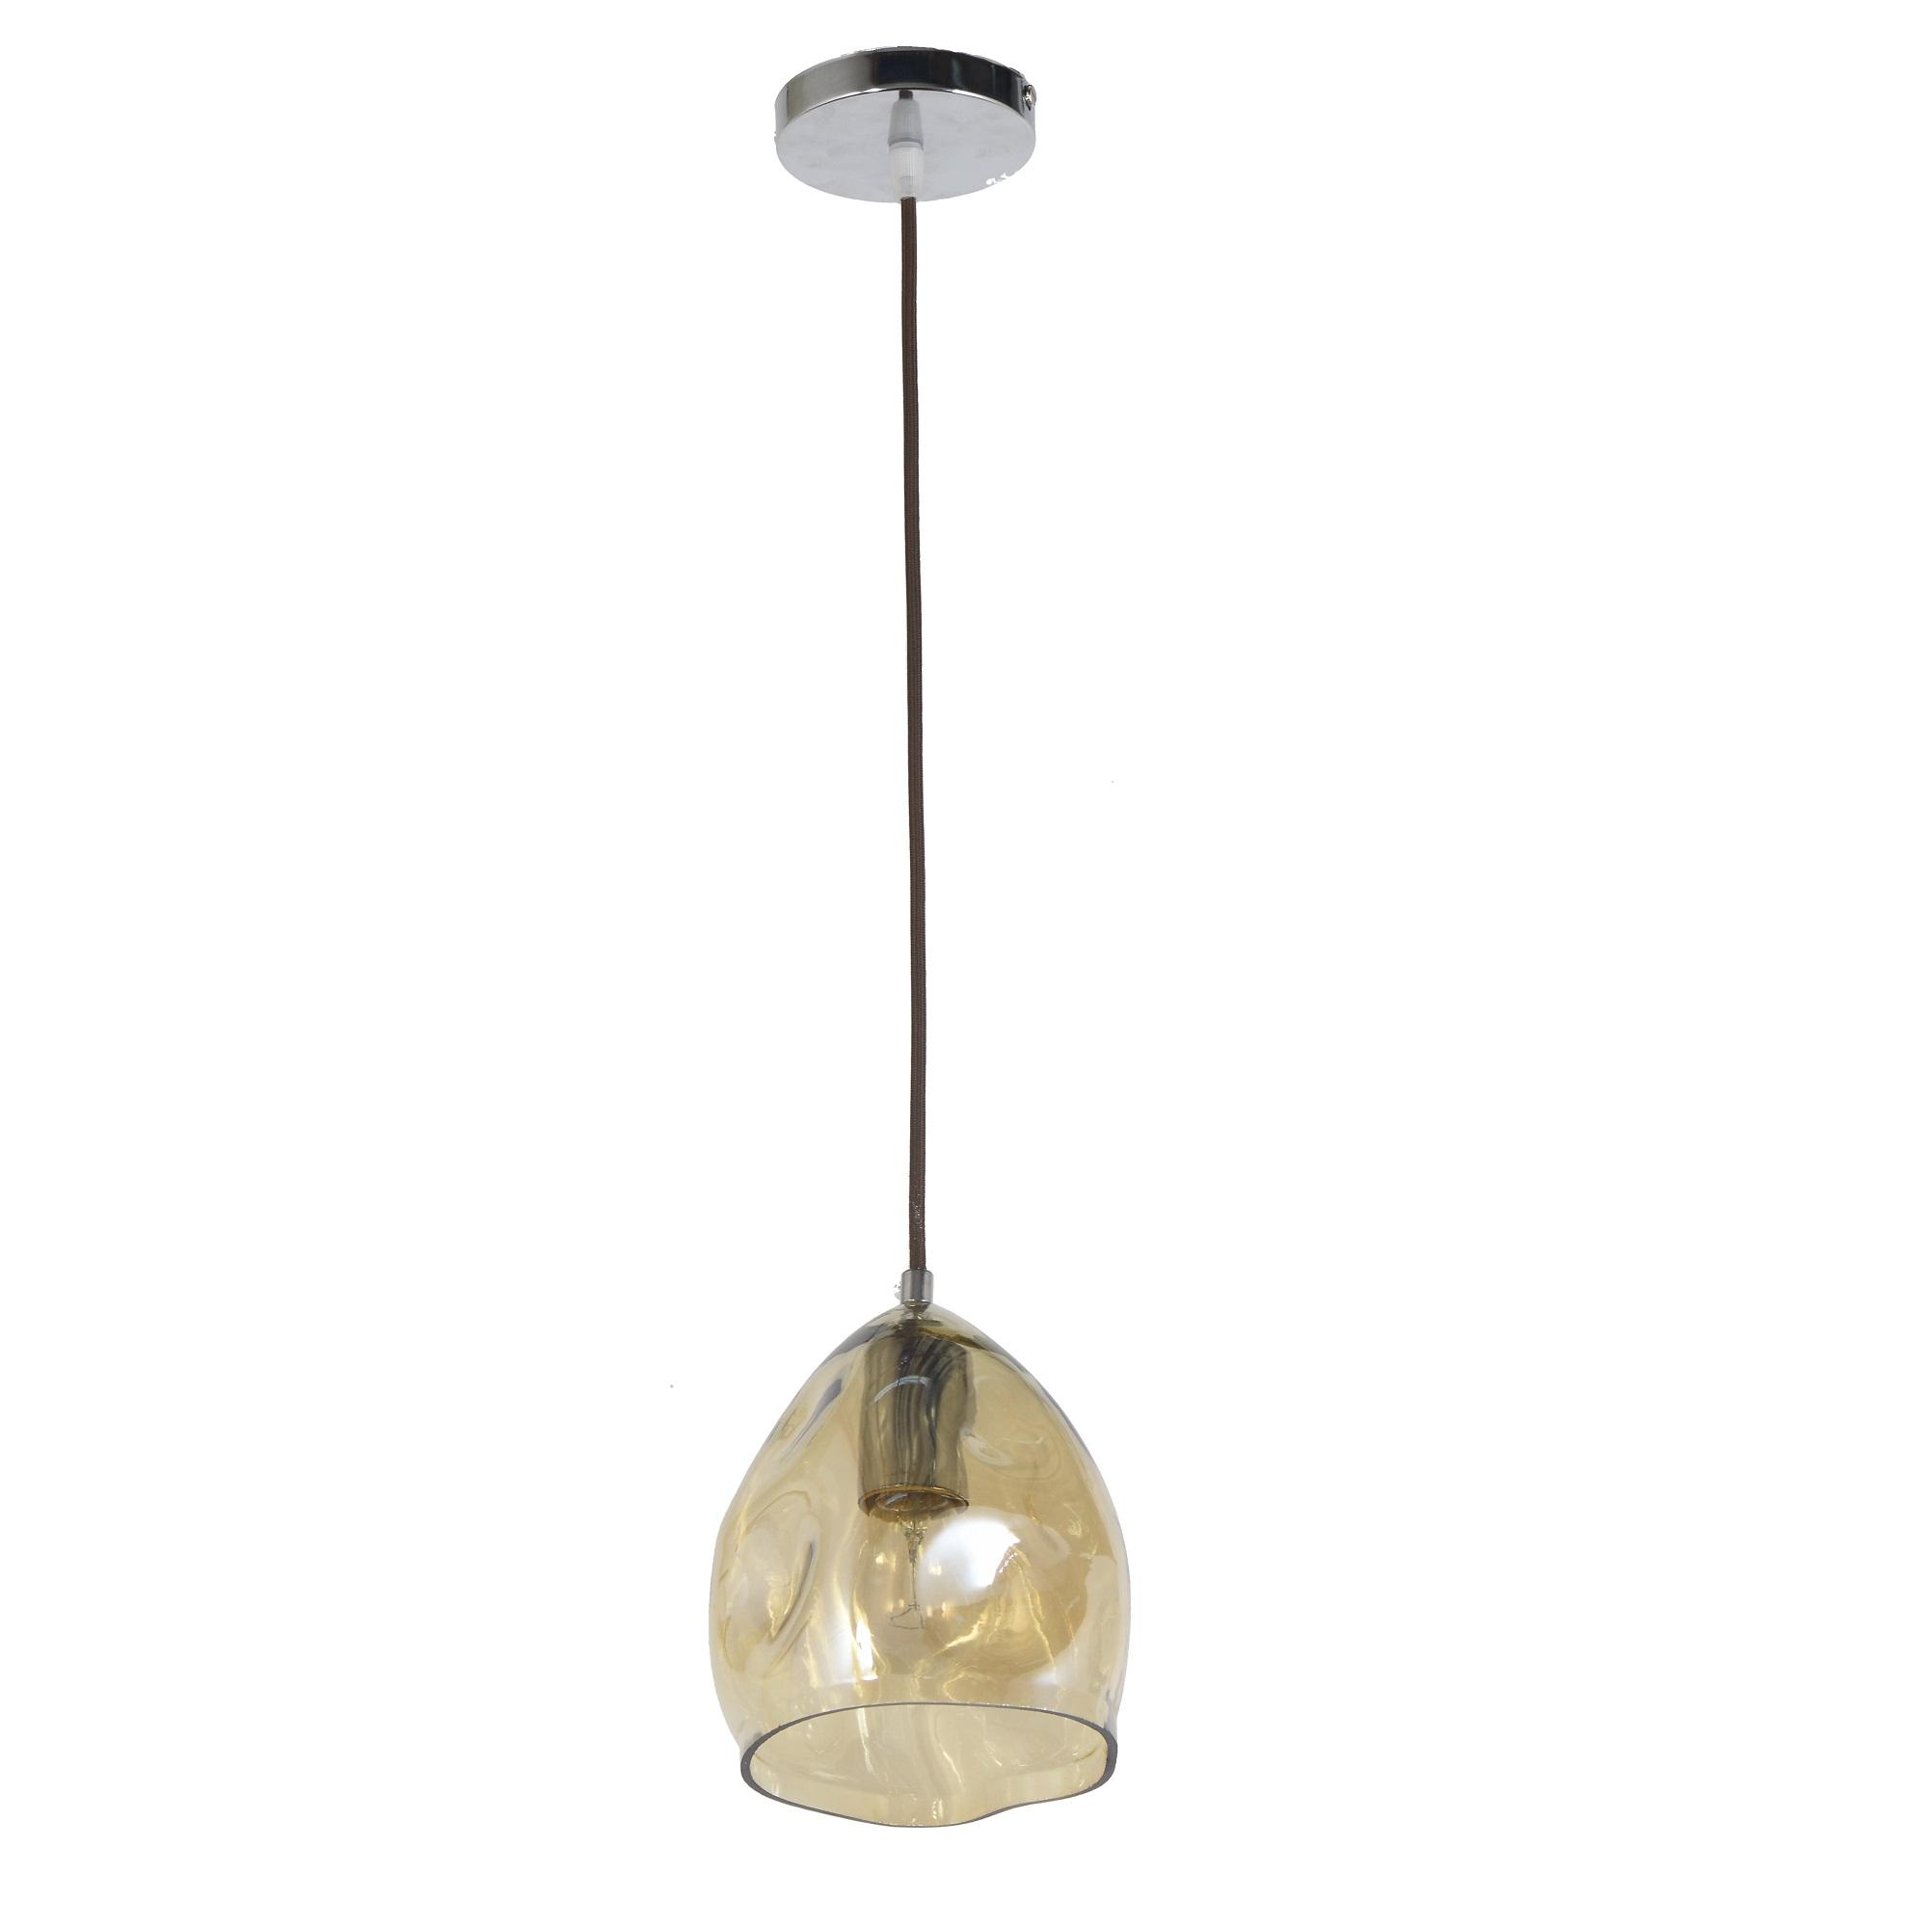 Подвесной светильник Arti Lampadari Olio E 1.3.P1 BR светильник arti lampadari tempo e 1 3 p1 br tempo